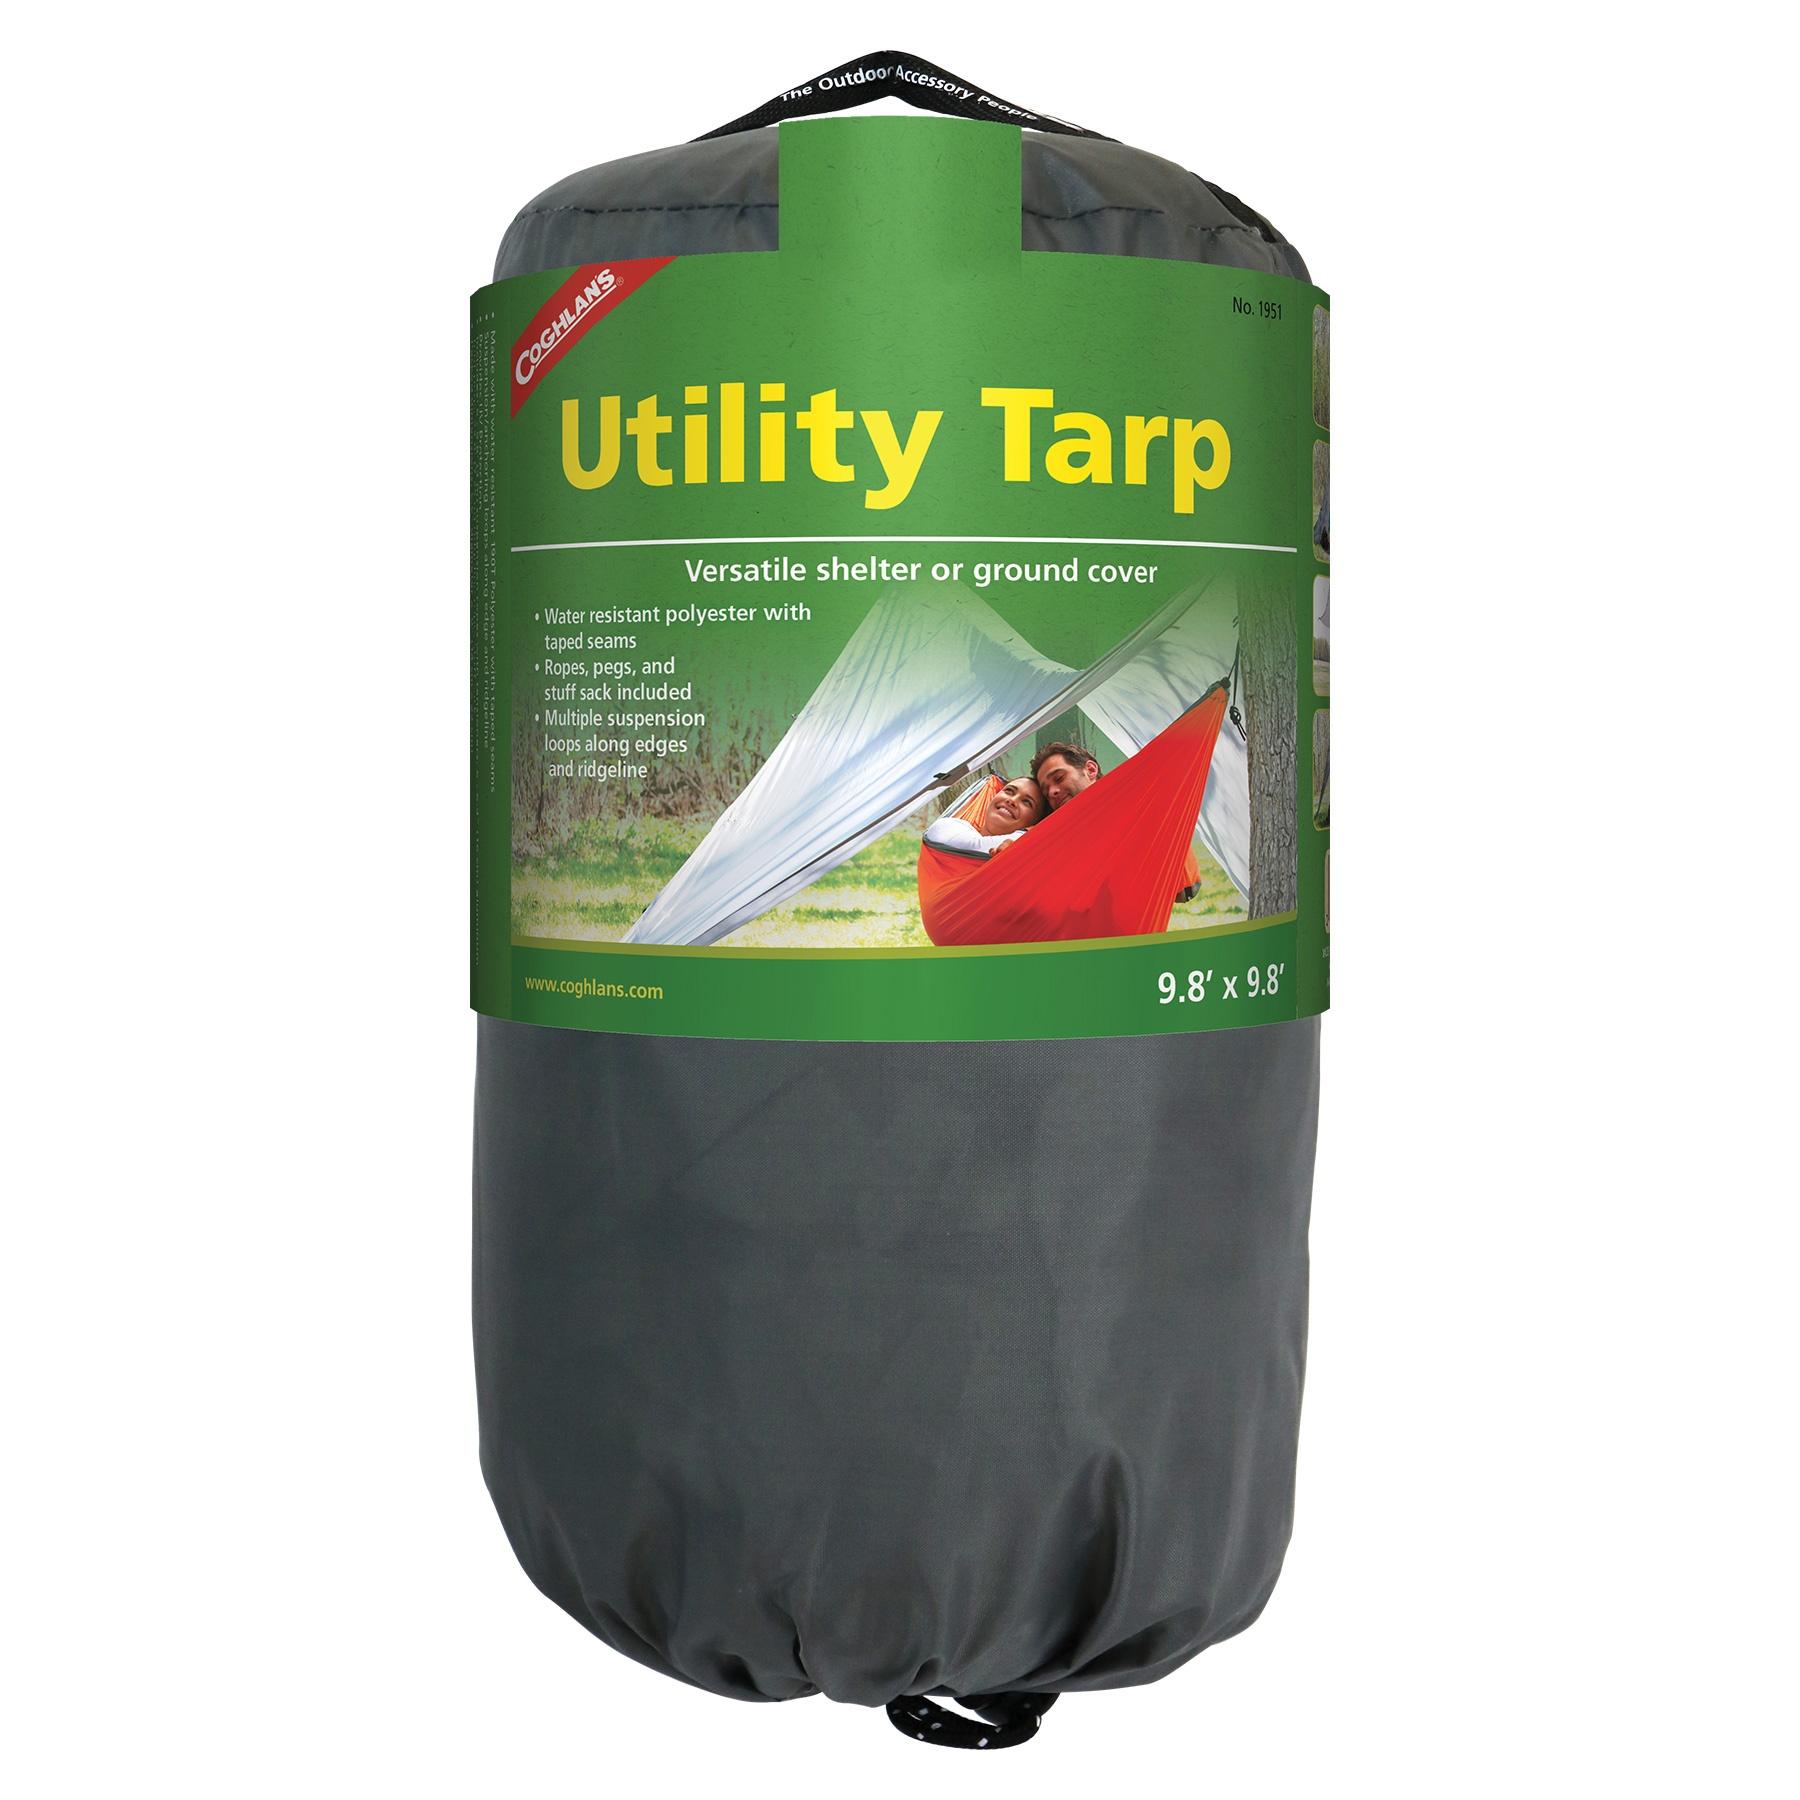 Utility Tarp